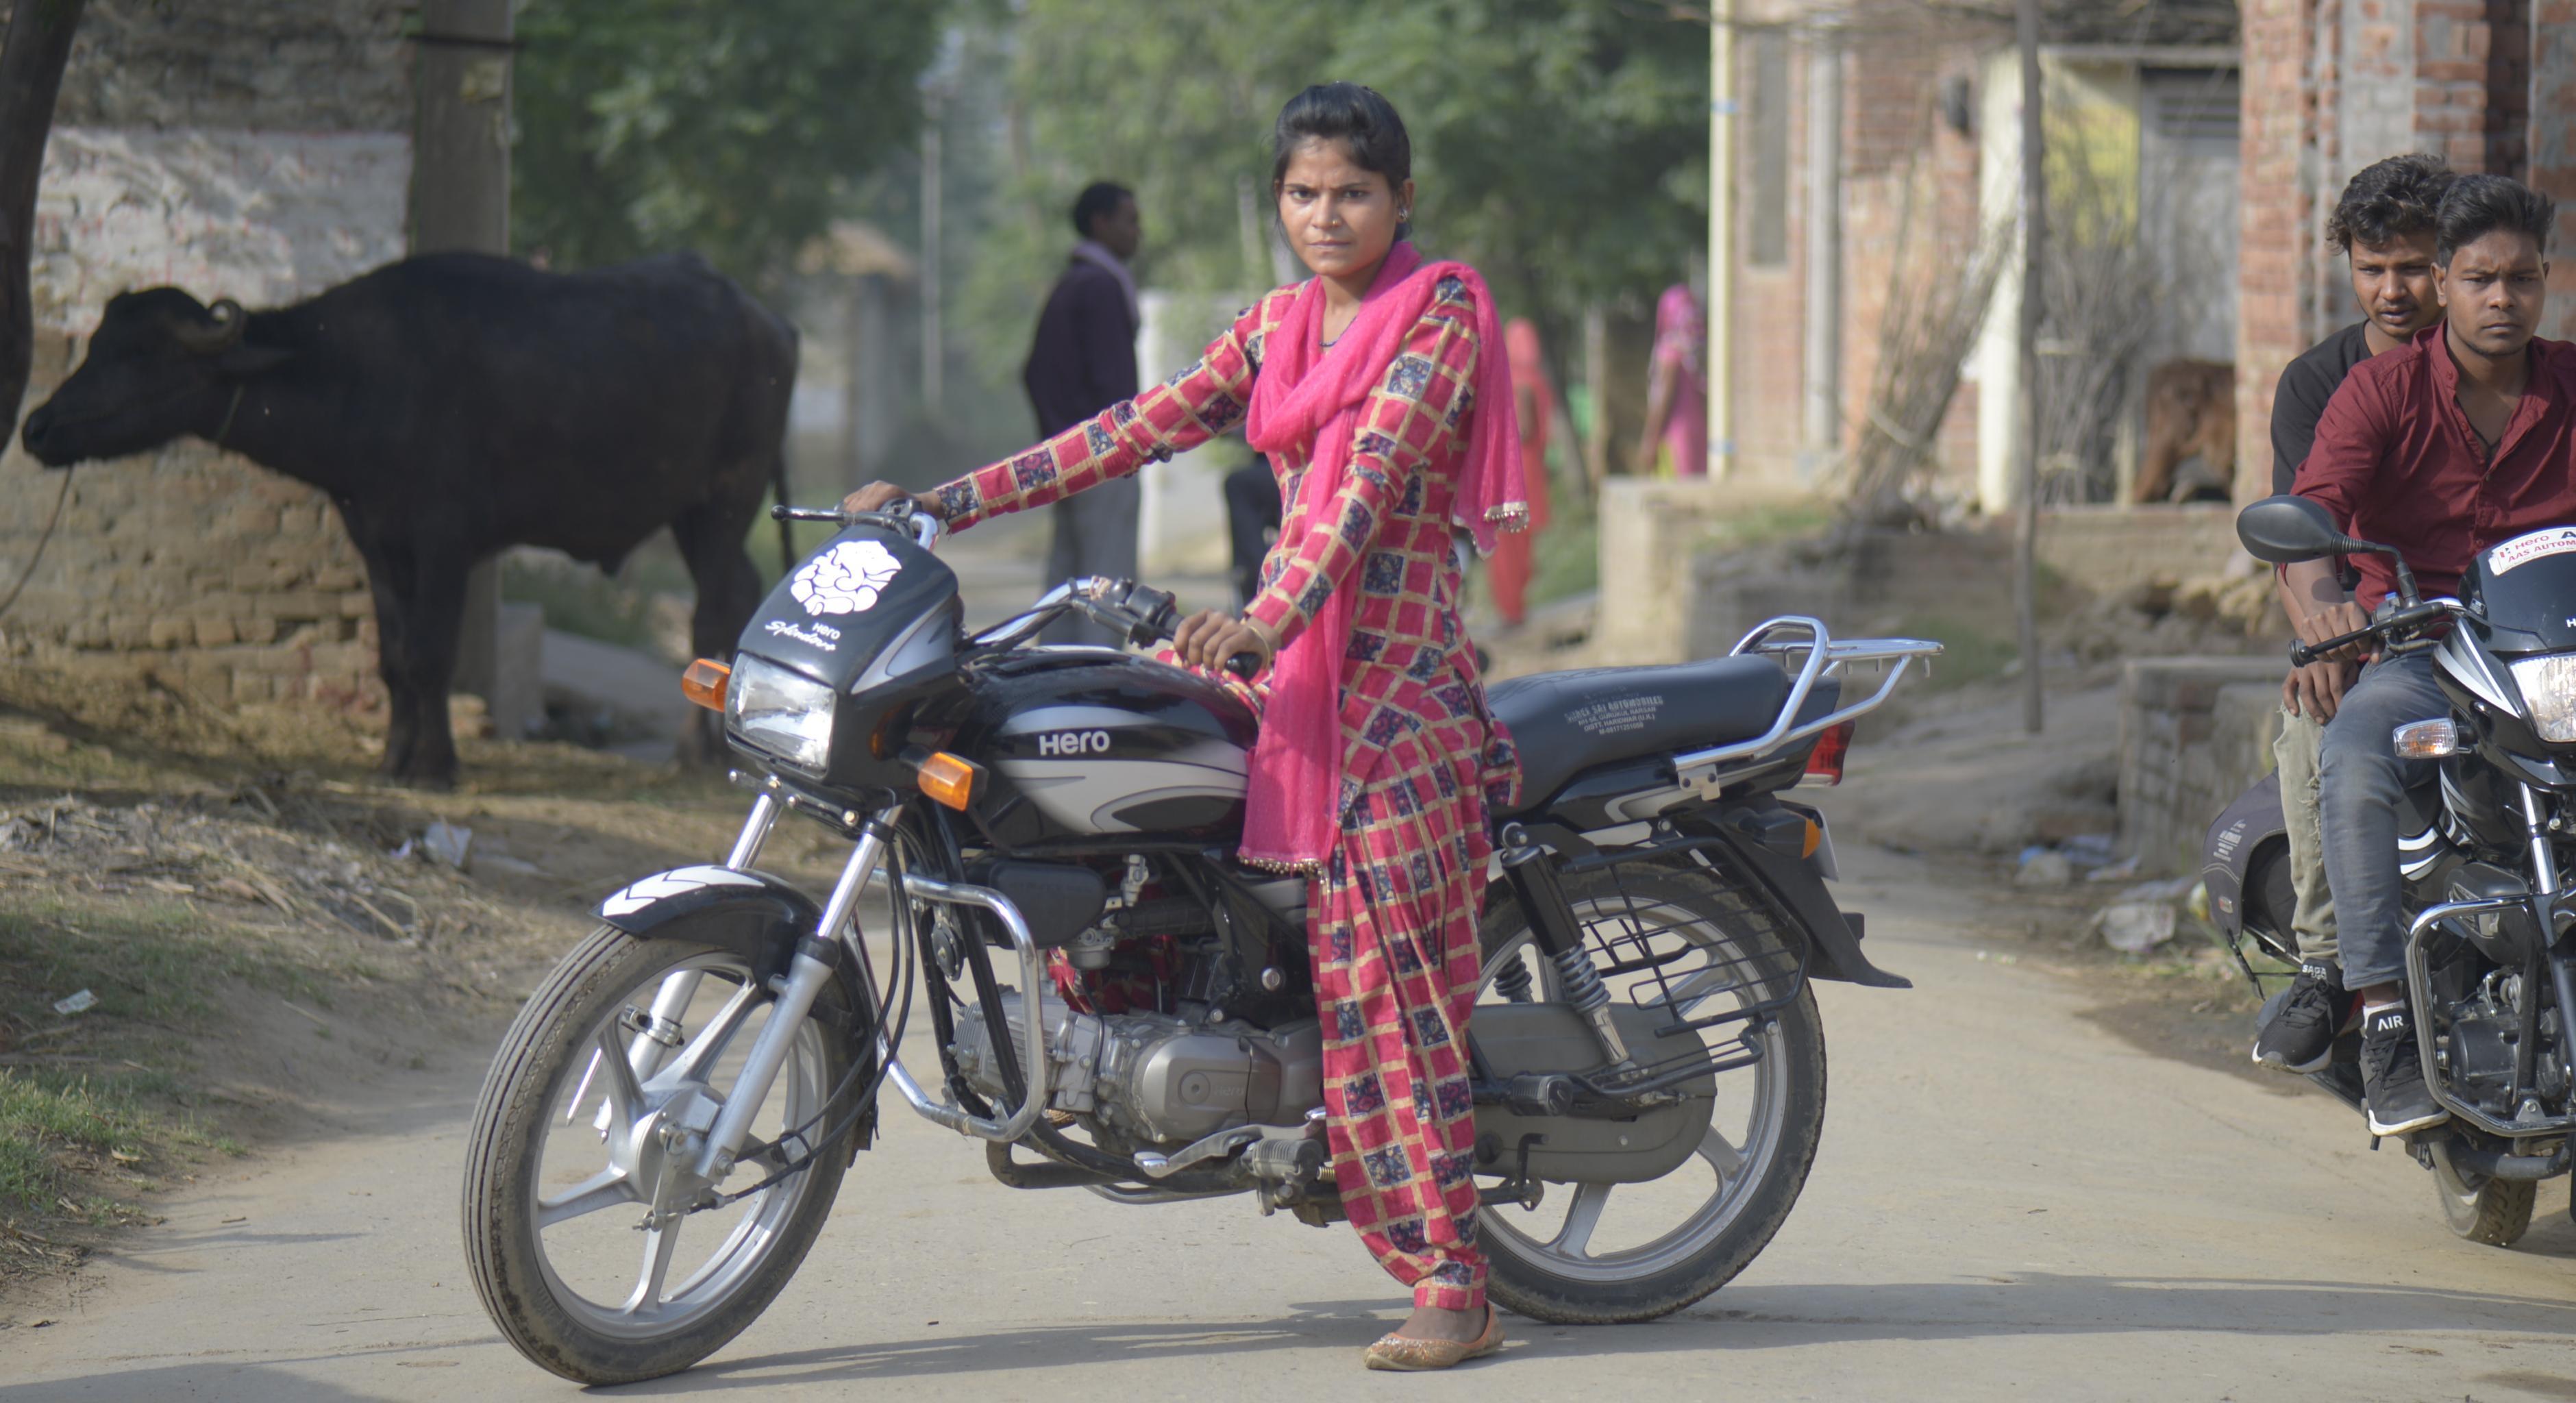 Eine junge indische Frau sitzt auf einem Motorrad; neben ihr zwei Männer auf einem anderen Motorrad